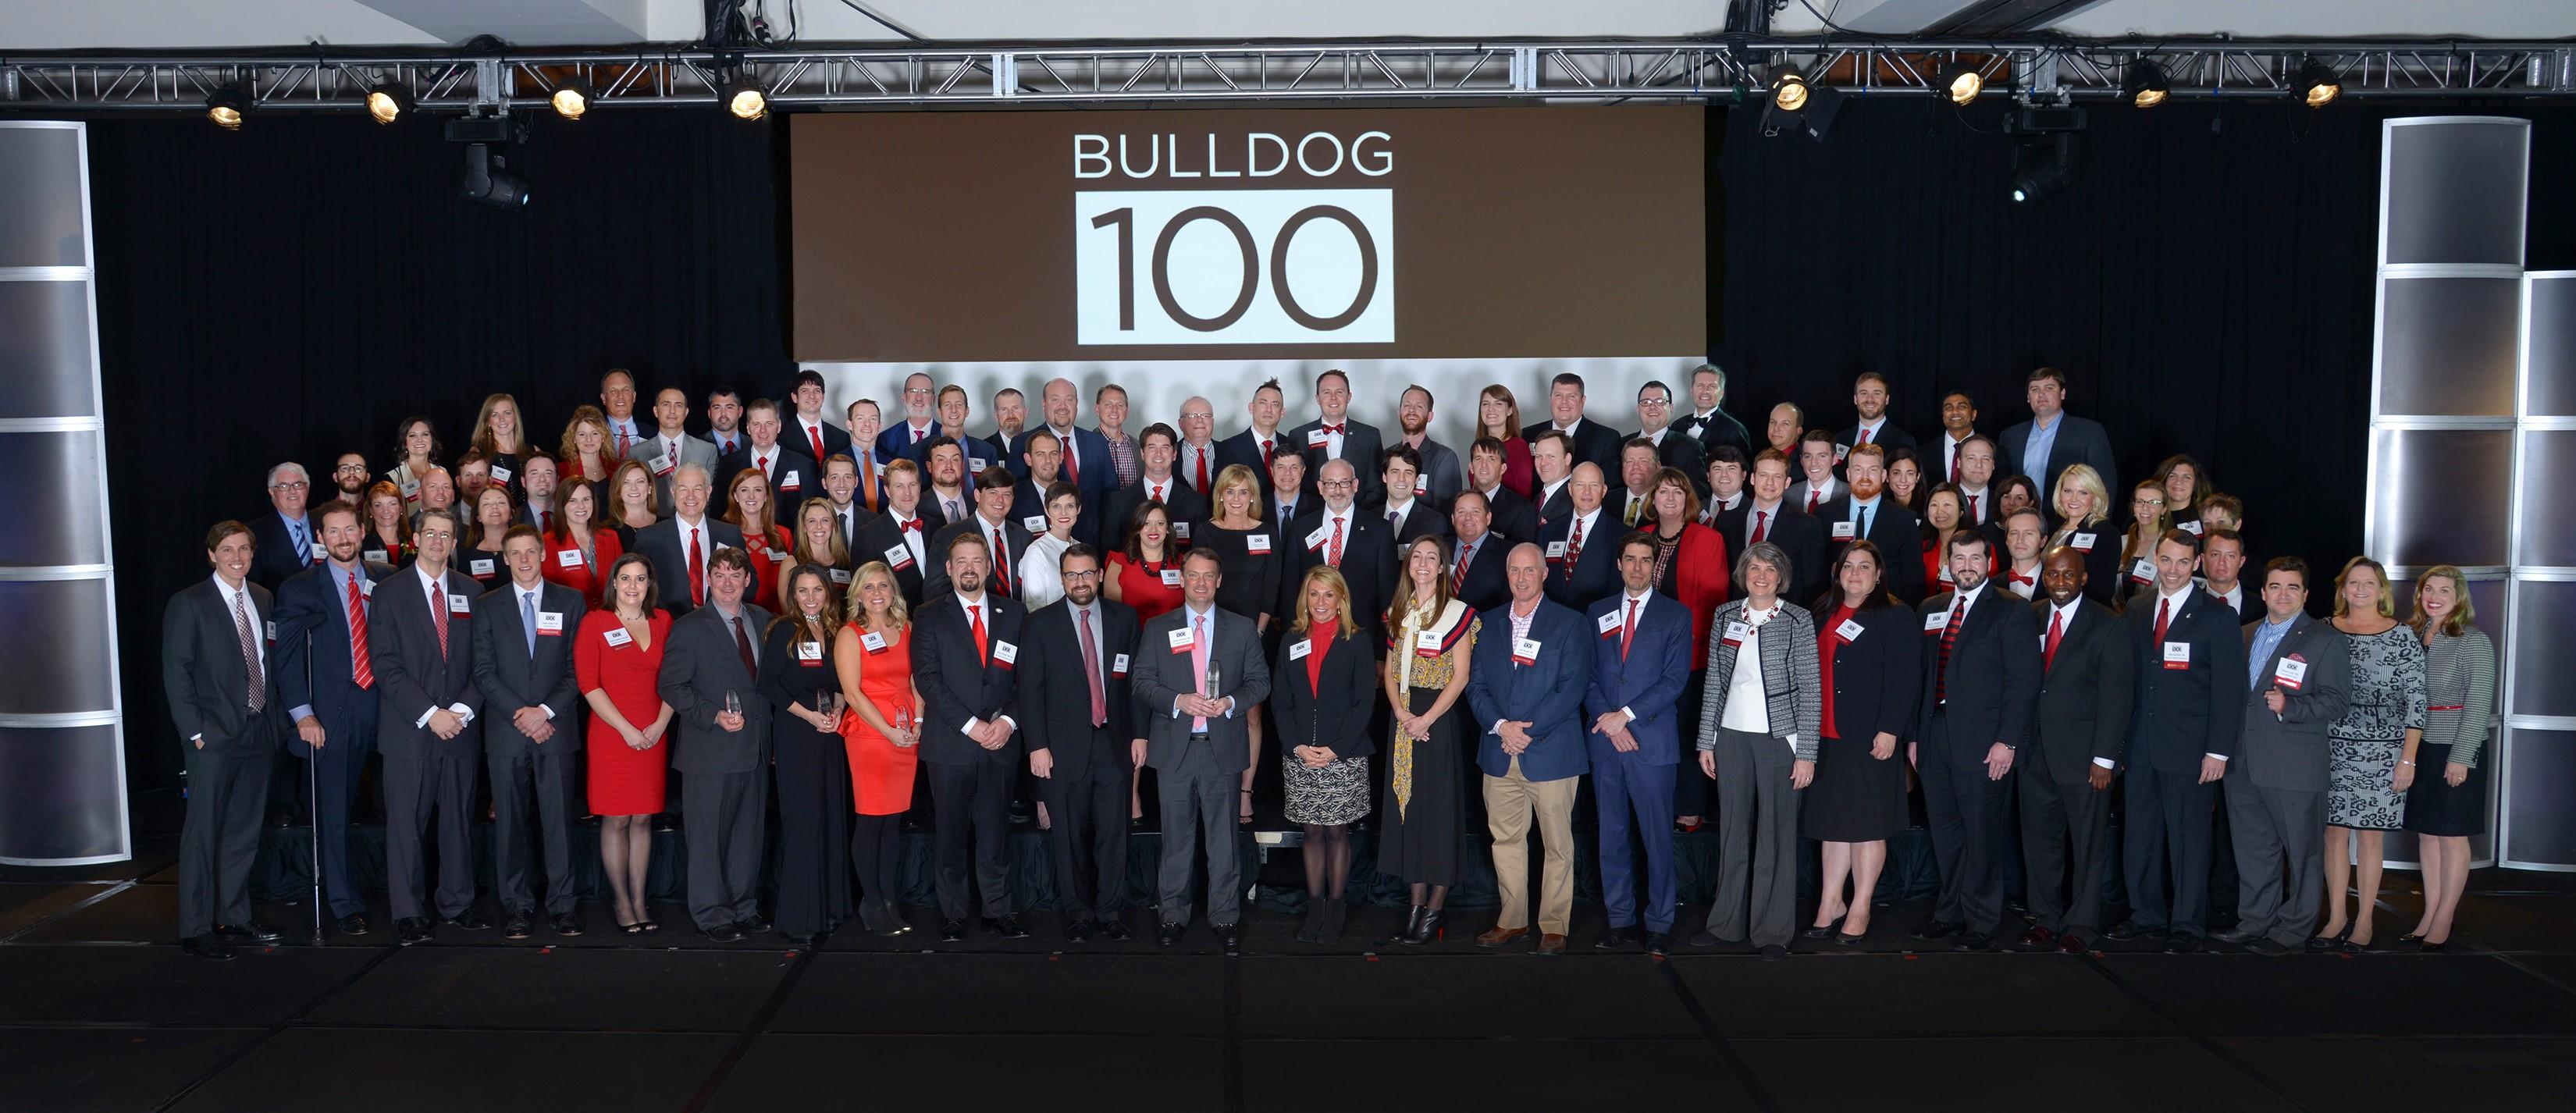 2017 Bulldog 100 Class Photo.jpg